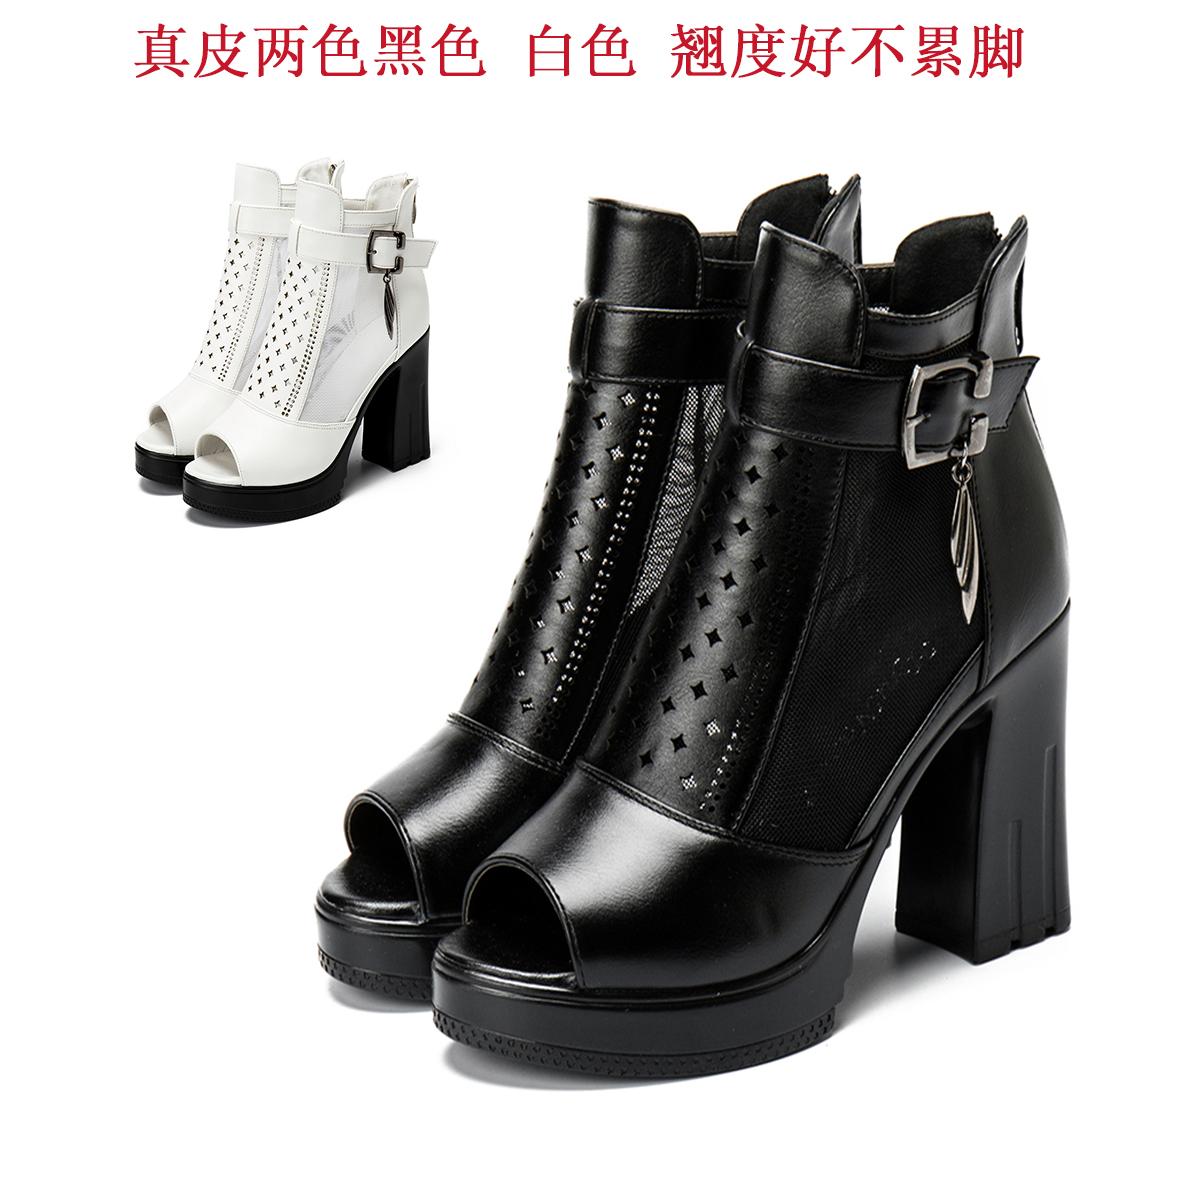 新款春夏高跟镂空女网靴中跟真皮粗跟鱼嘴凉鞋中年妈妈凉靴女短靴